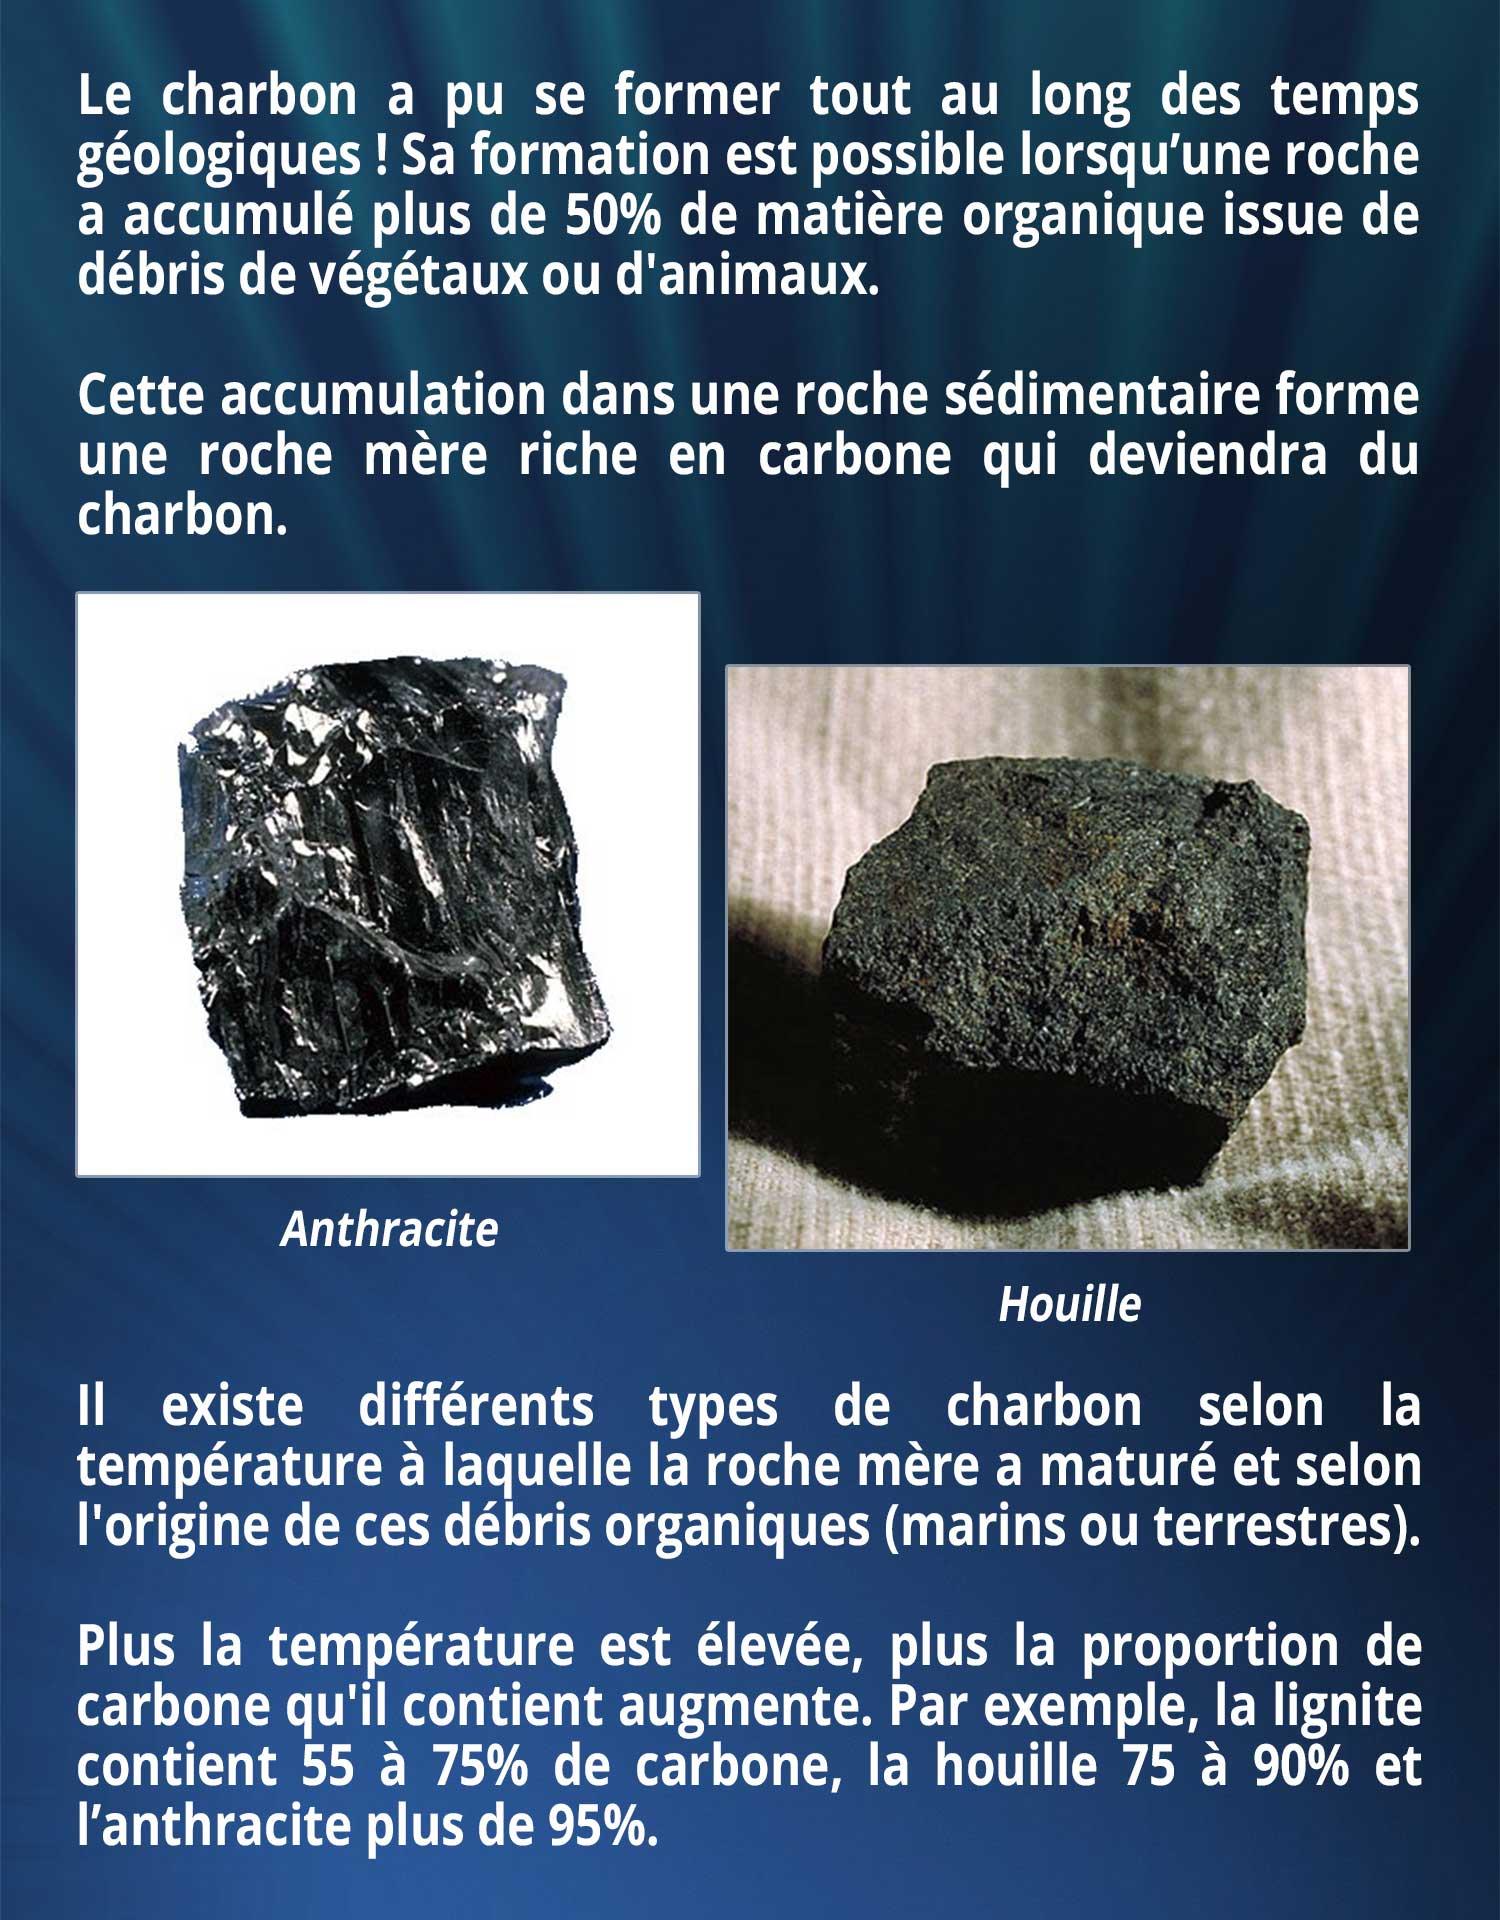 Le charbon a pu se former tout au long des temps géologiques ! Sa formation est possible lorsqu'une roche a accumulé plus de 50% de matière organique issue de débris de végétaux ou d'animaux. Cette accumulation dans une roche sédimentaire forme une roche mère riche en carbone qui deviendra du charbon ! Il existe différents types de charbon selon la température à laquelle la roche mère a maturé et selon l'origine de ces débris organiques (marins ou terrestres). Plus la température est élevée, plus la proportion de carbone qu'il contient augmente. Par exemple, la lignite contient 55 à 75% de carbone, la houille 75 à 90% et l'anthracite plus de 95%.